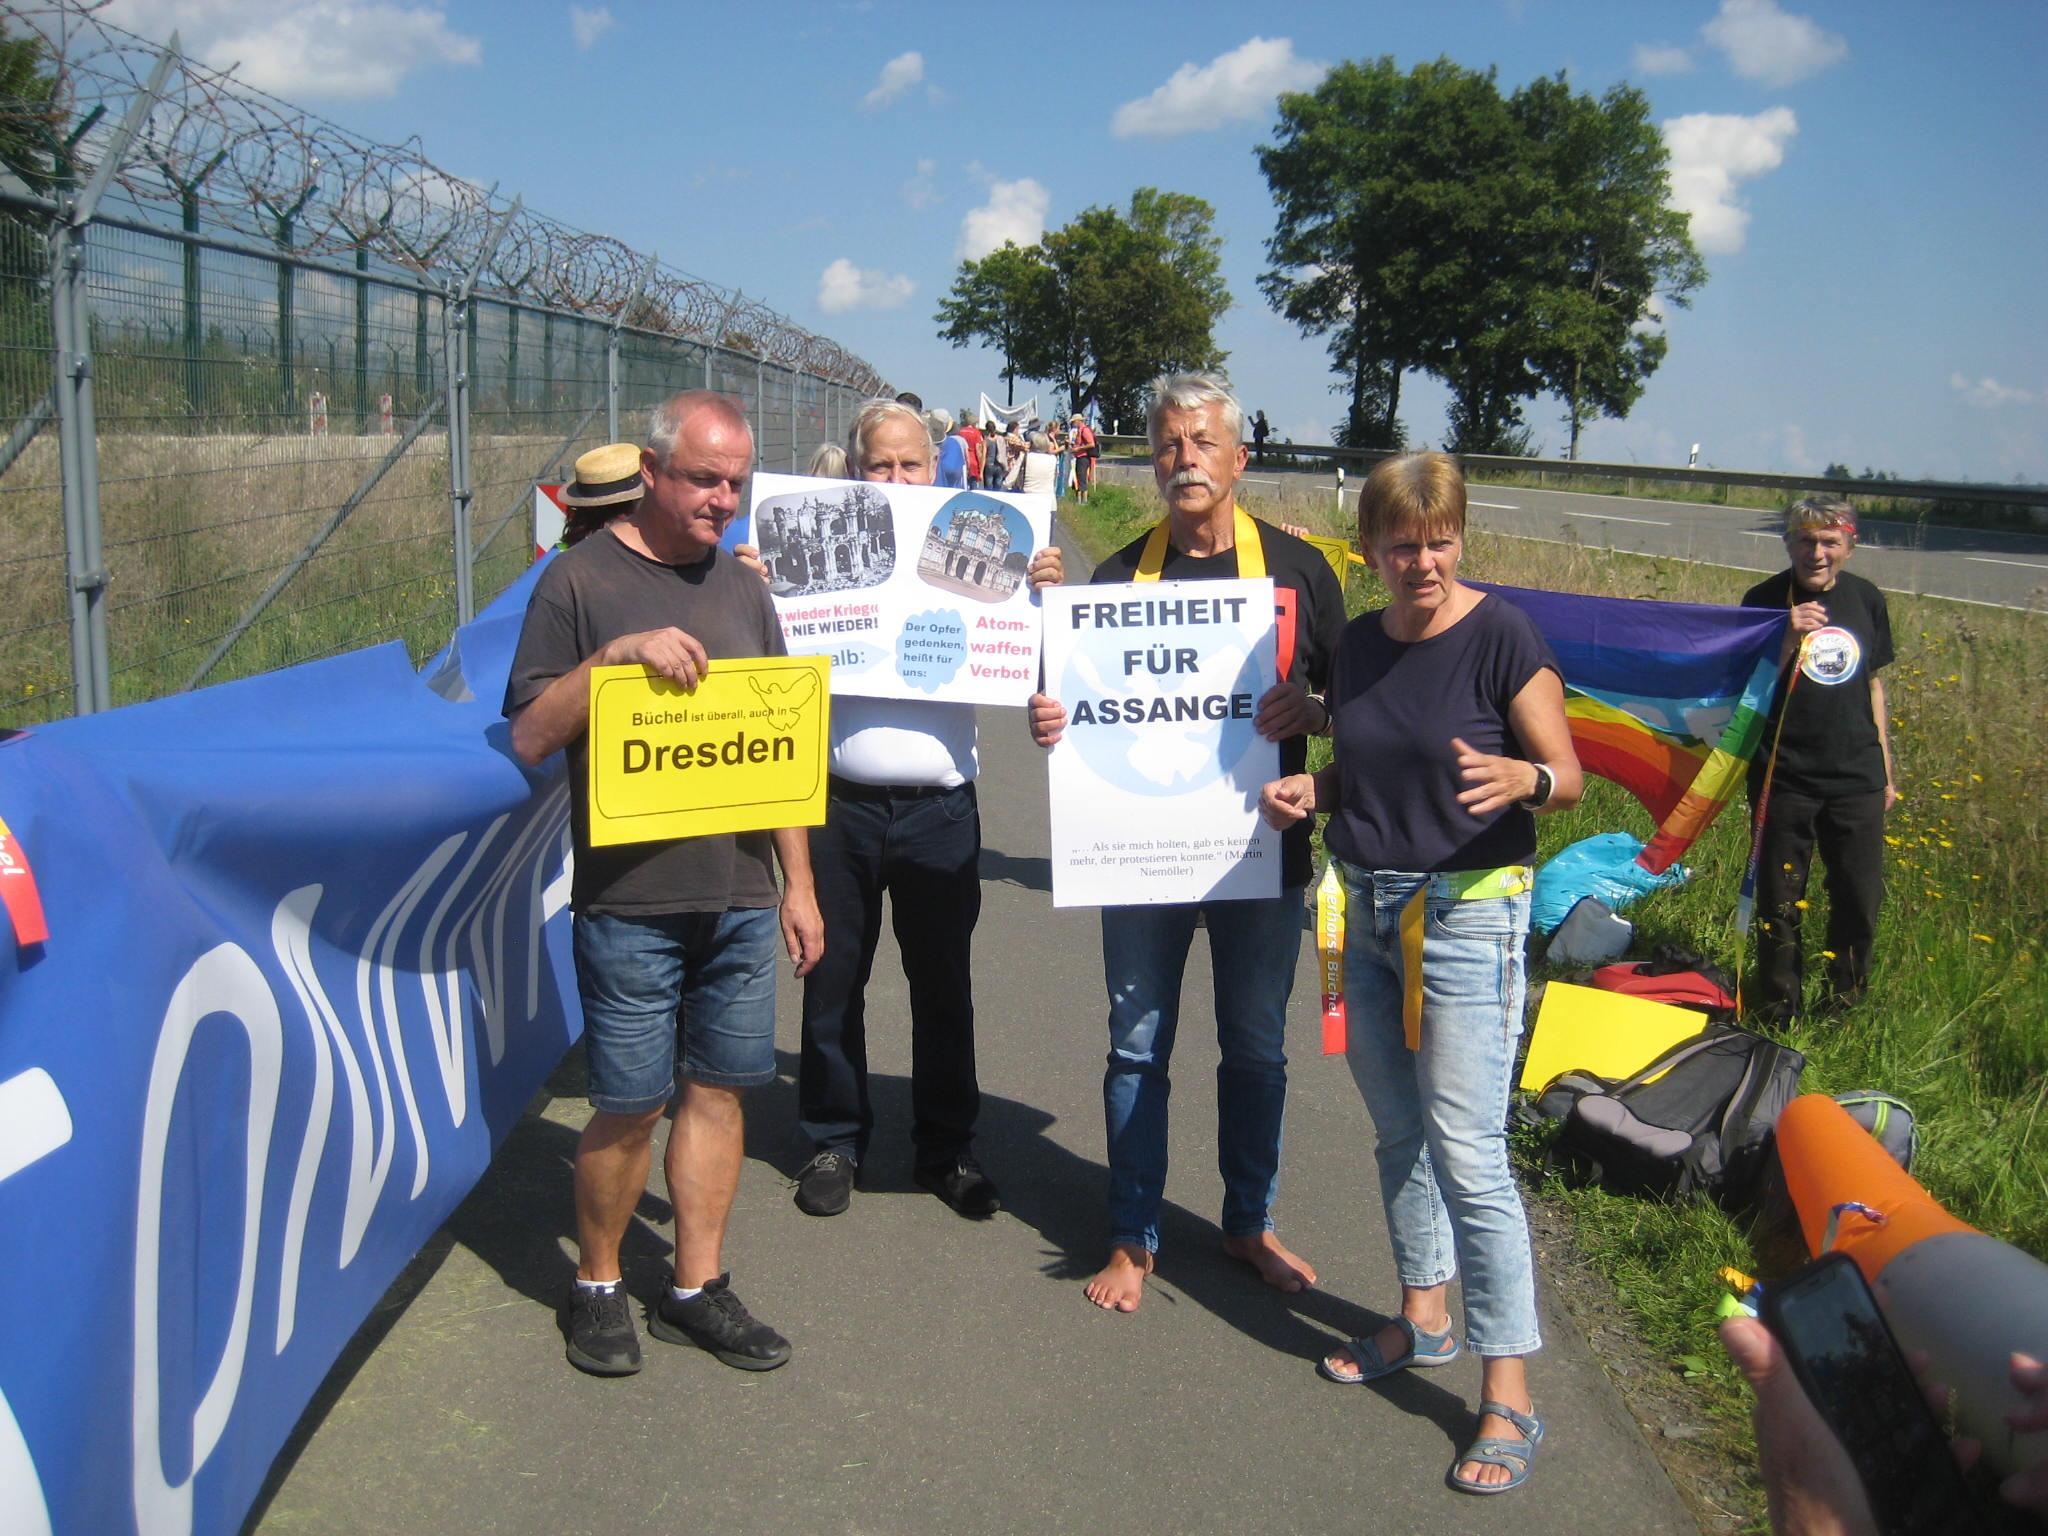 9 Dresdner beim Protest gegen Atomwaffen am Fliegerhorst Büchel